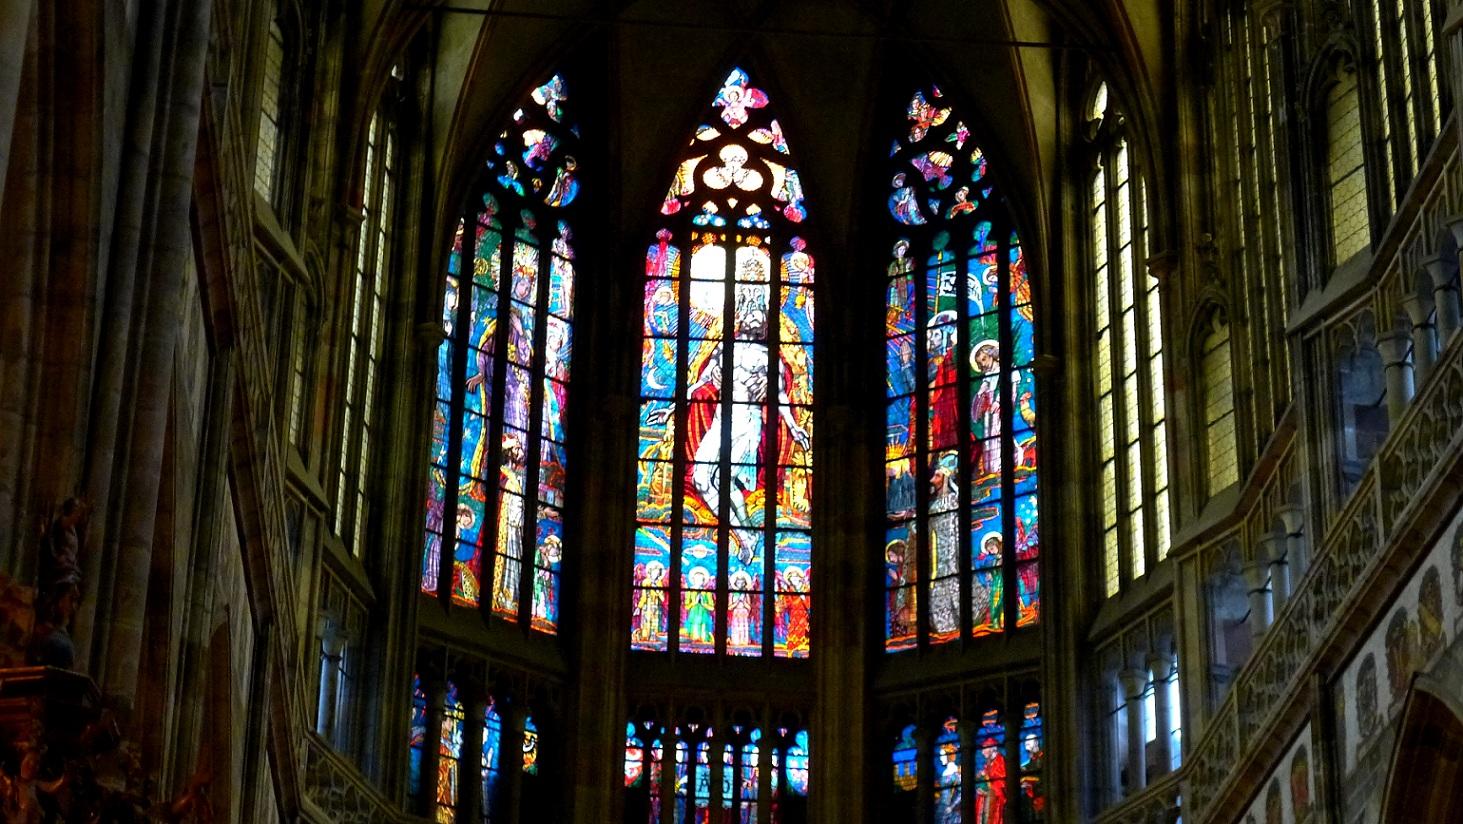 蓝桥摄影作品:教堂